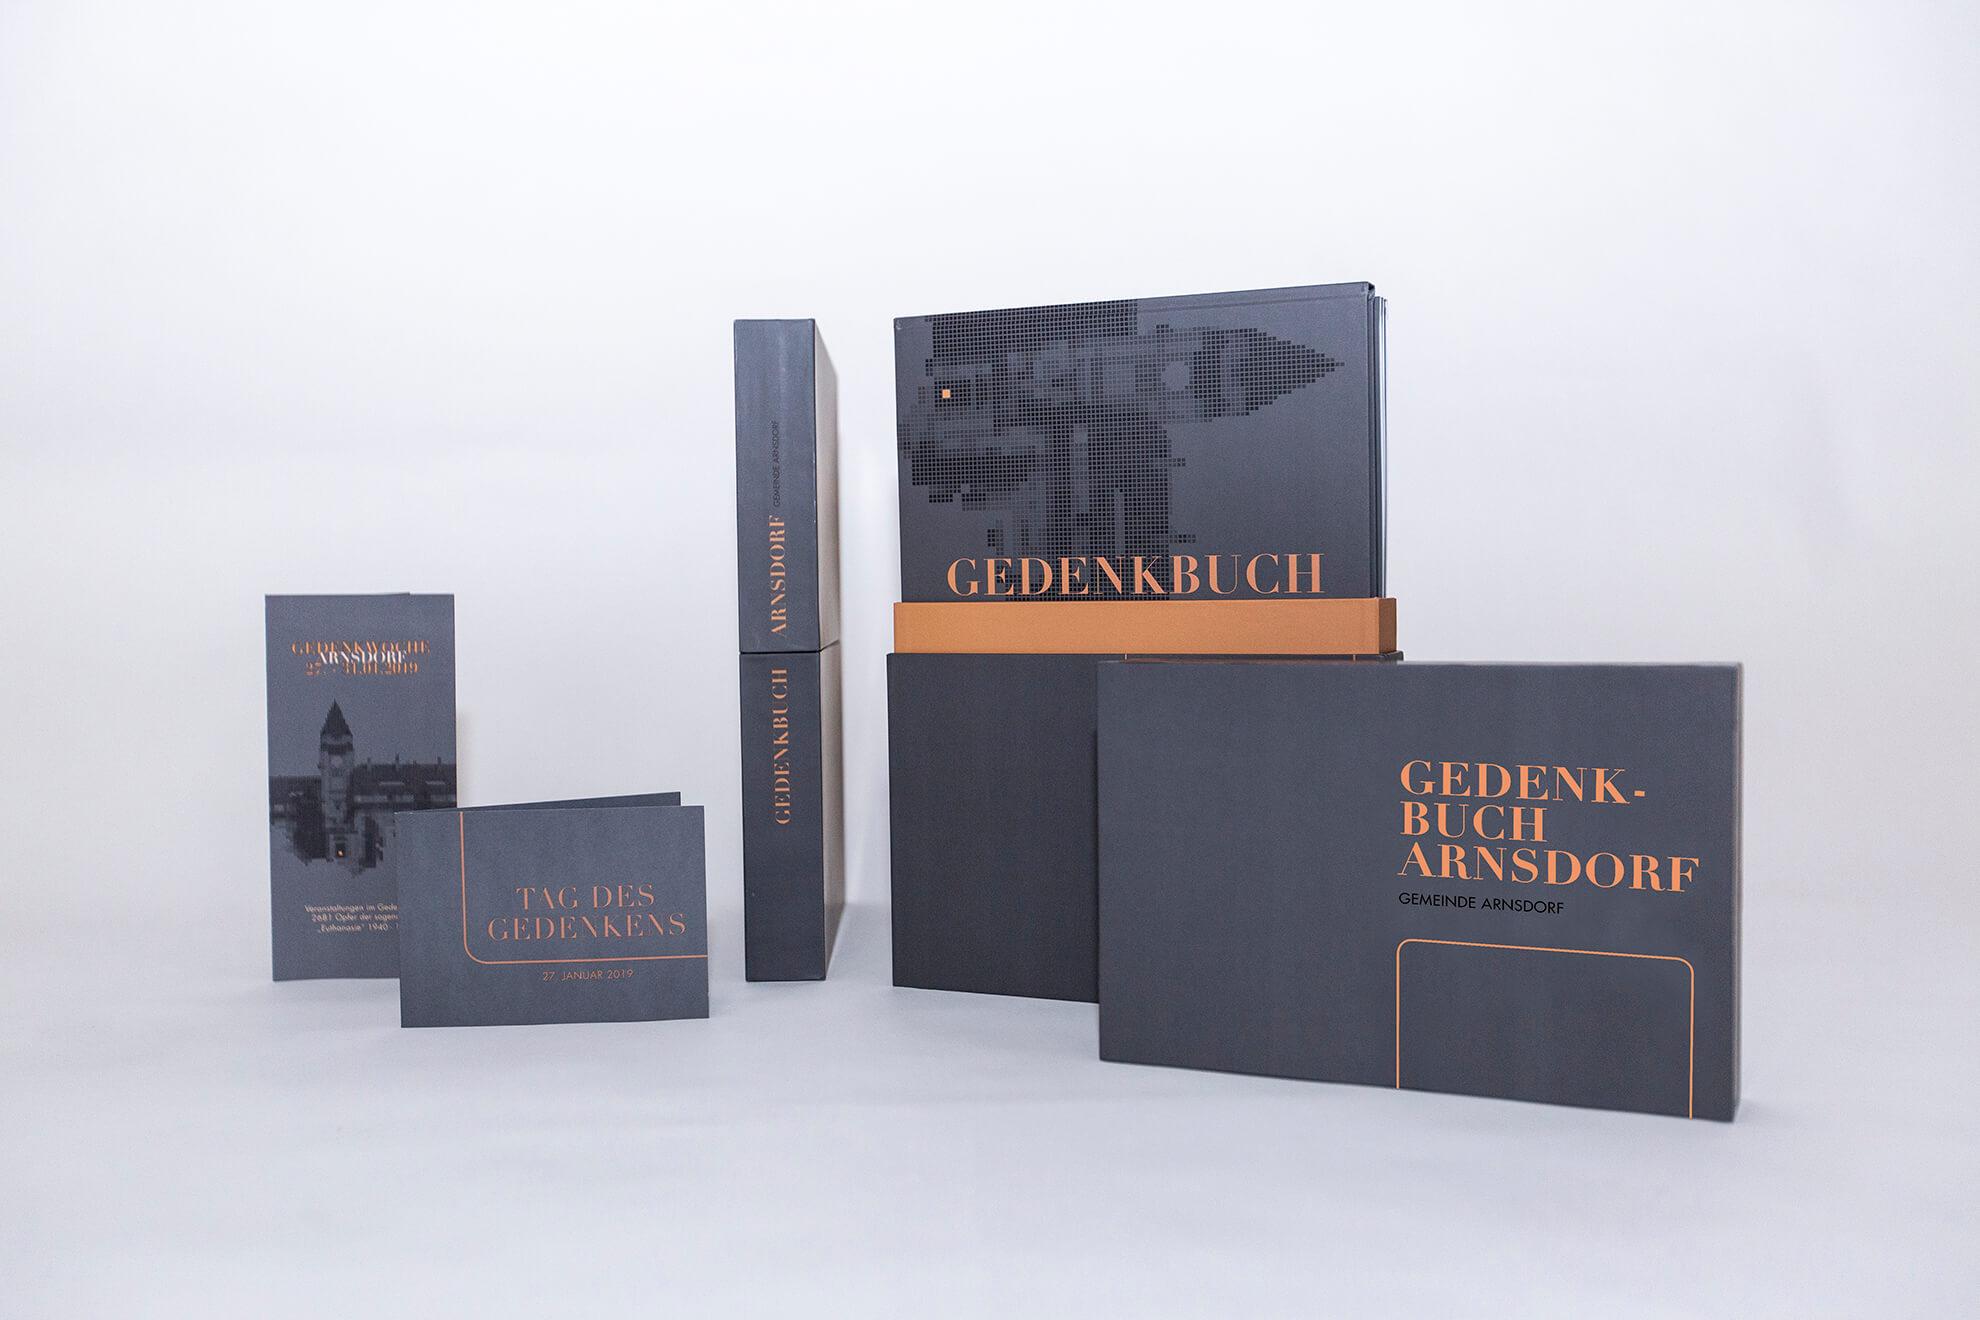 Gedenkbuch – Gemeinde Arnsdorf - Werbung